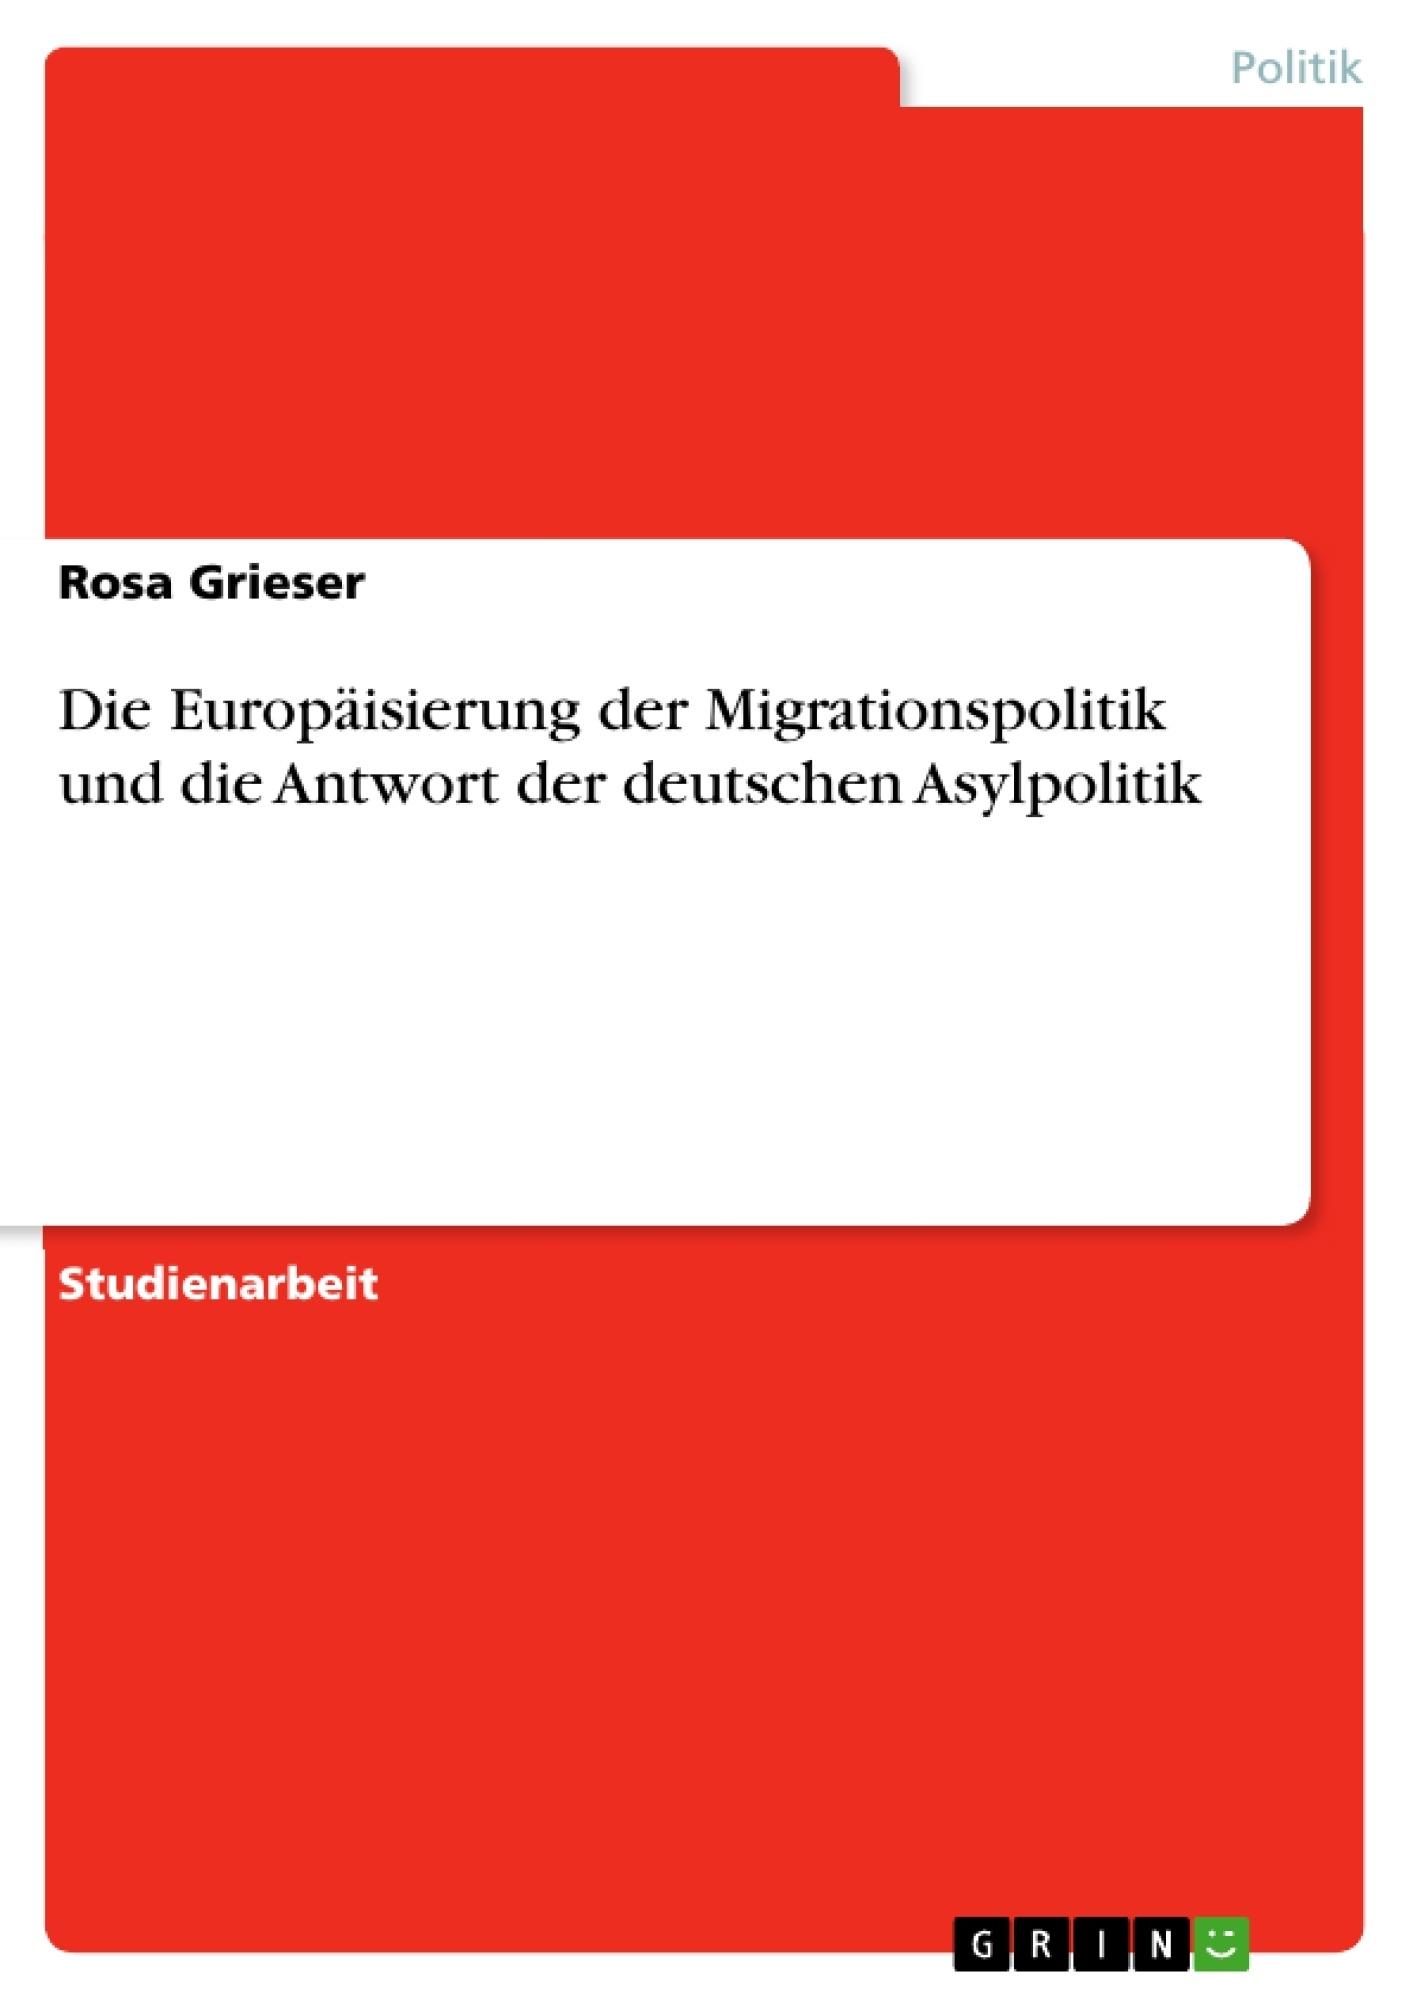 Titel: Die Europäisierung der Migrationspolitik und die Antwort der deutschen Asylpolitik